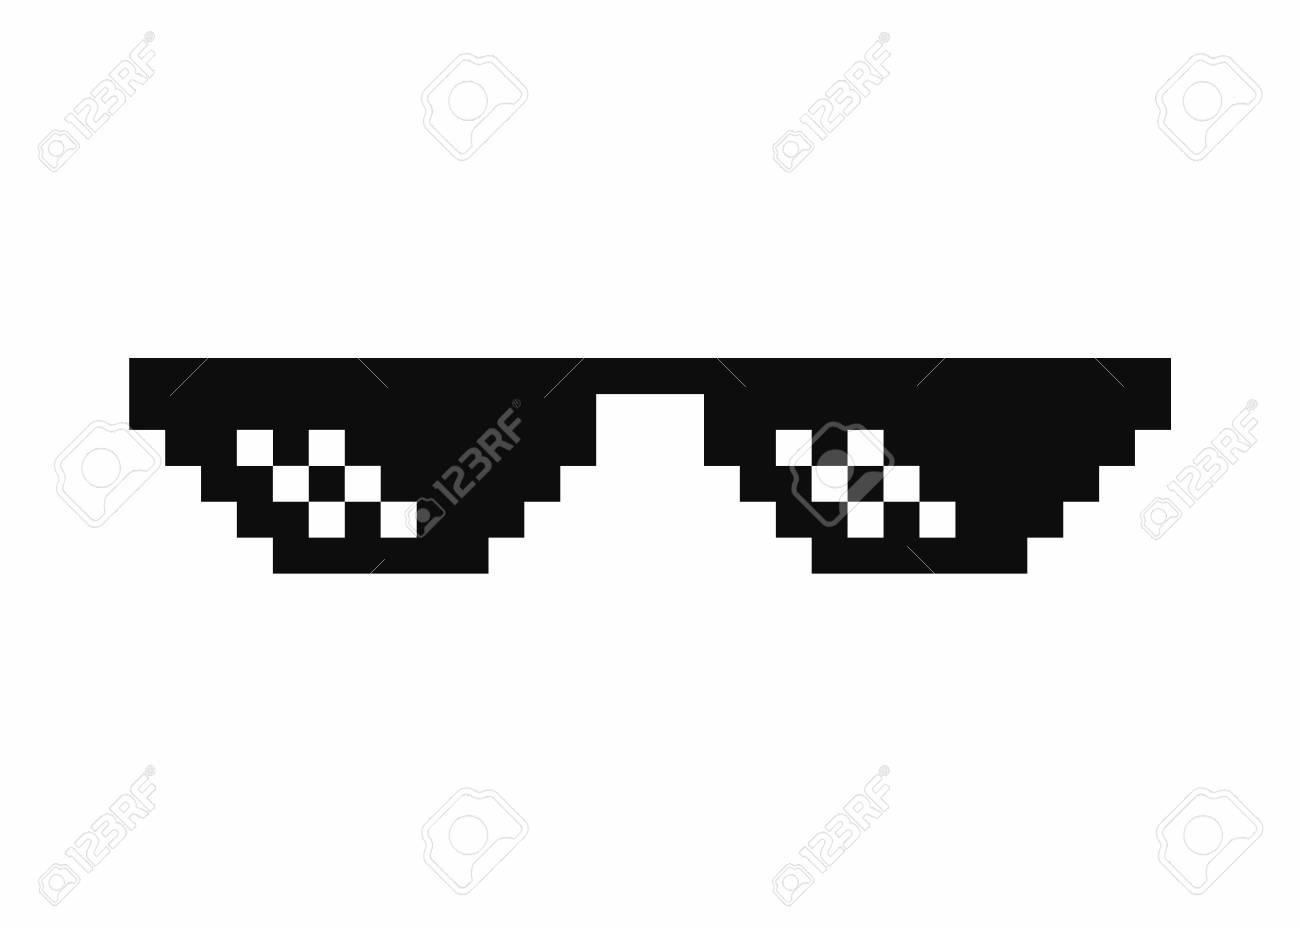 c5f3bbb7 Pixel art glasses. Thug life meme glasses isolated on white background.  Vector Stock Vector